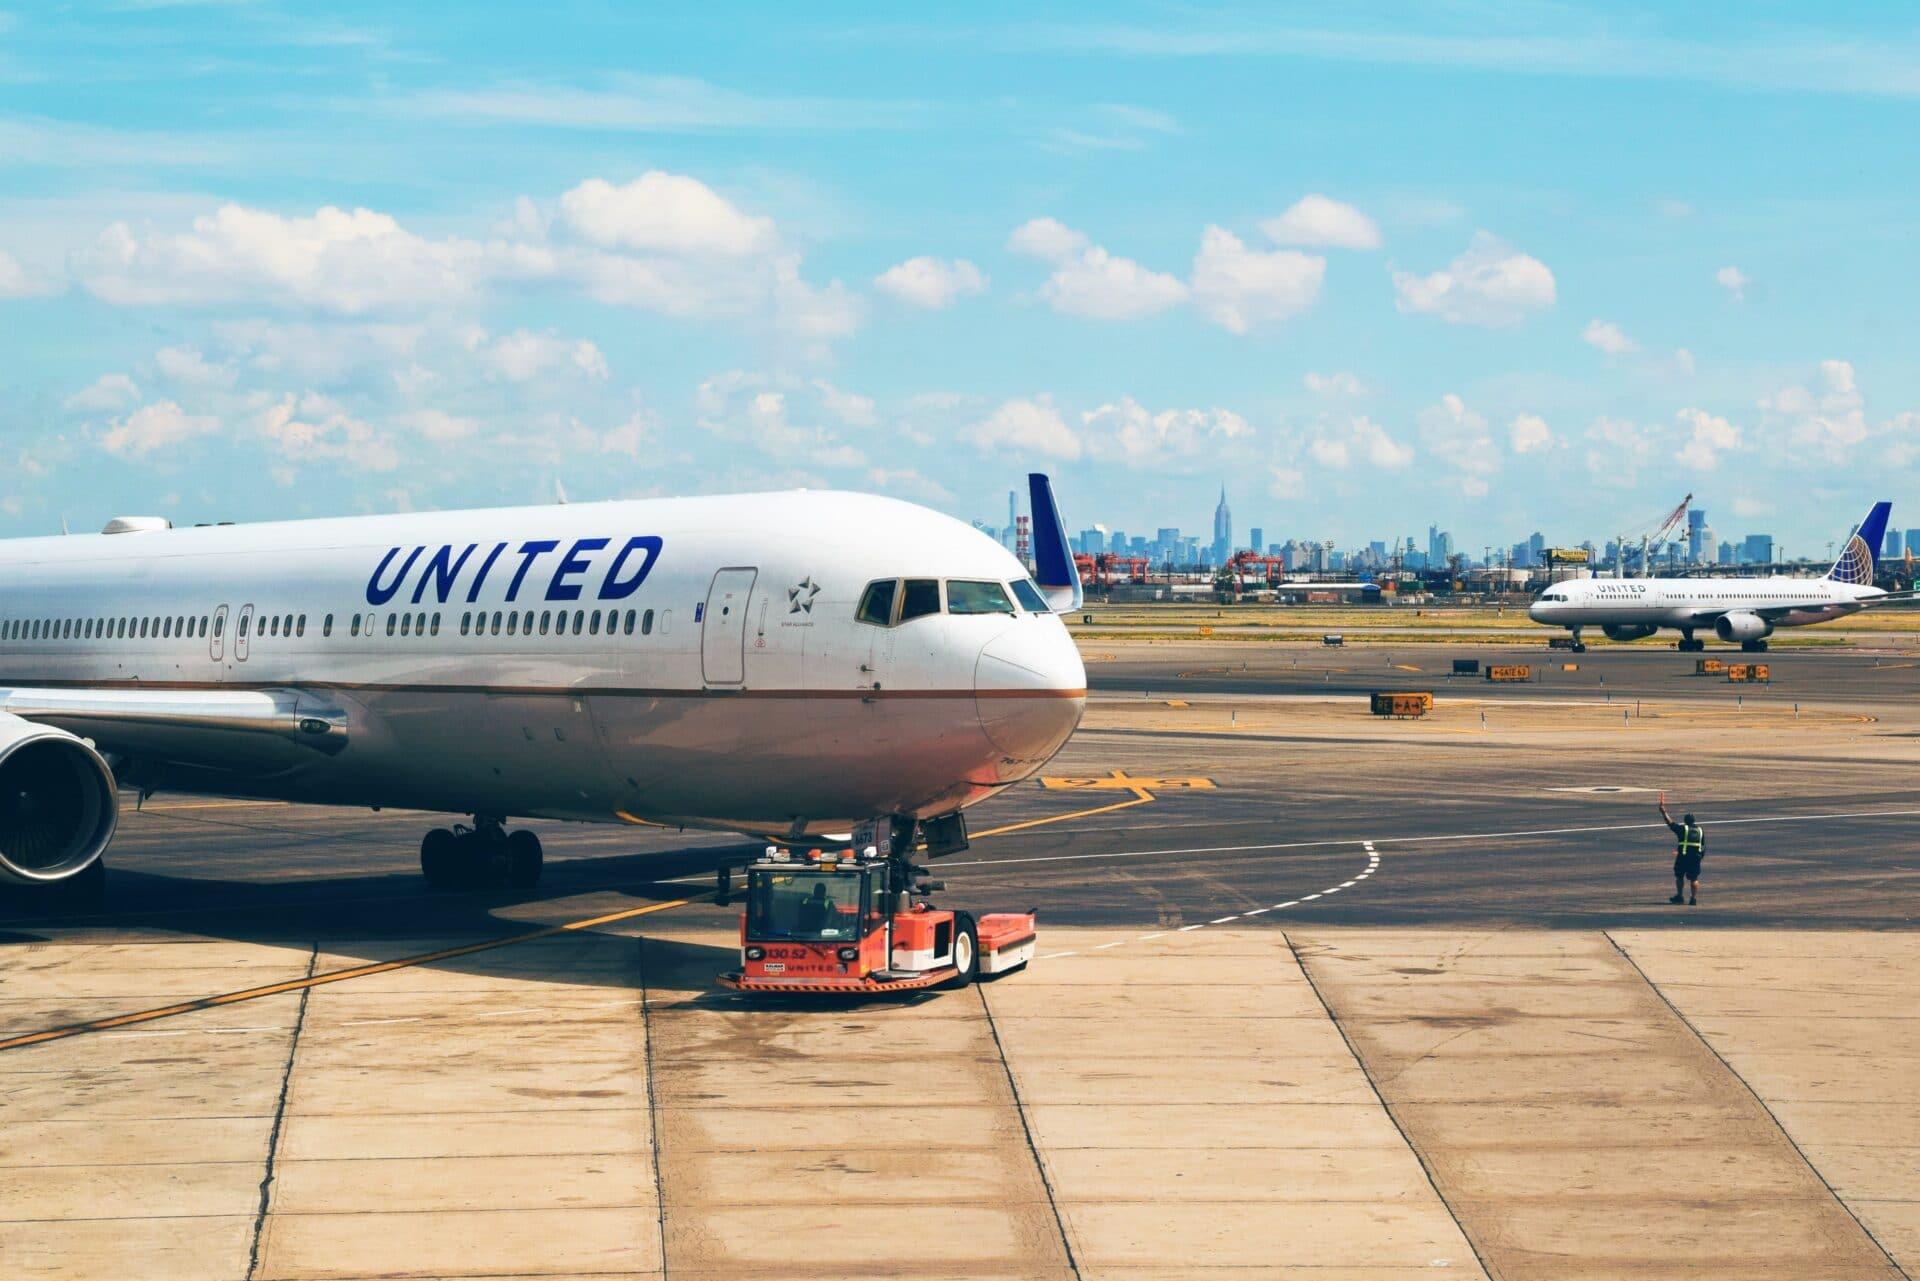 Airport Flughafen Airplane Flugzeug United